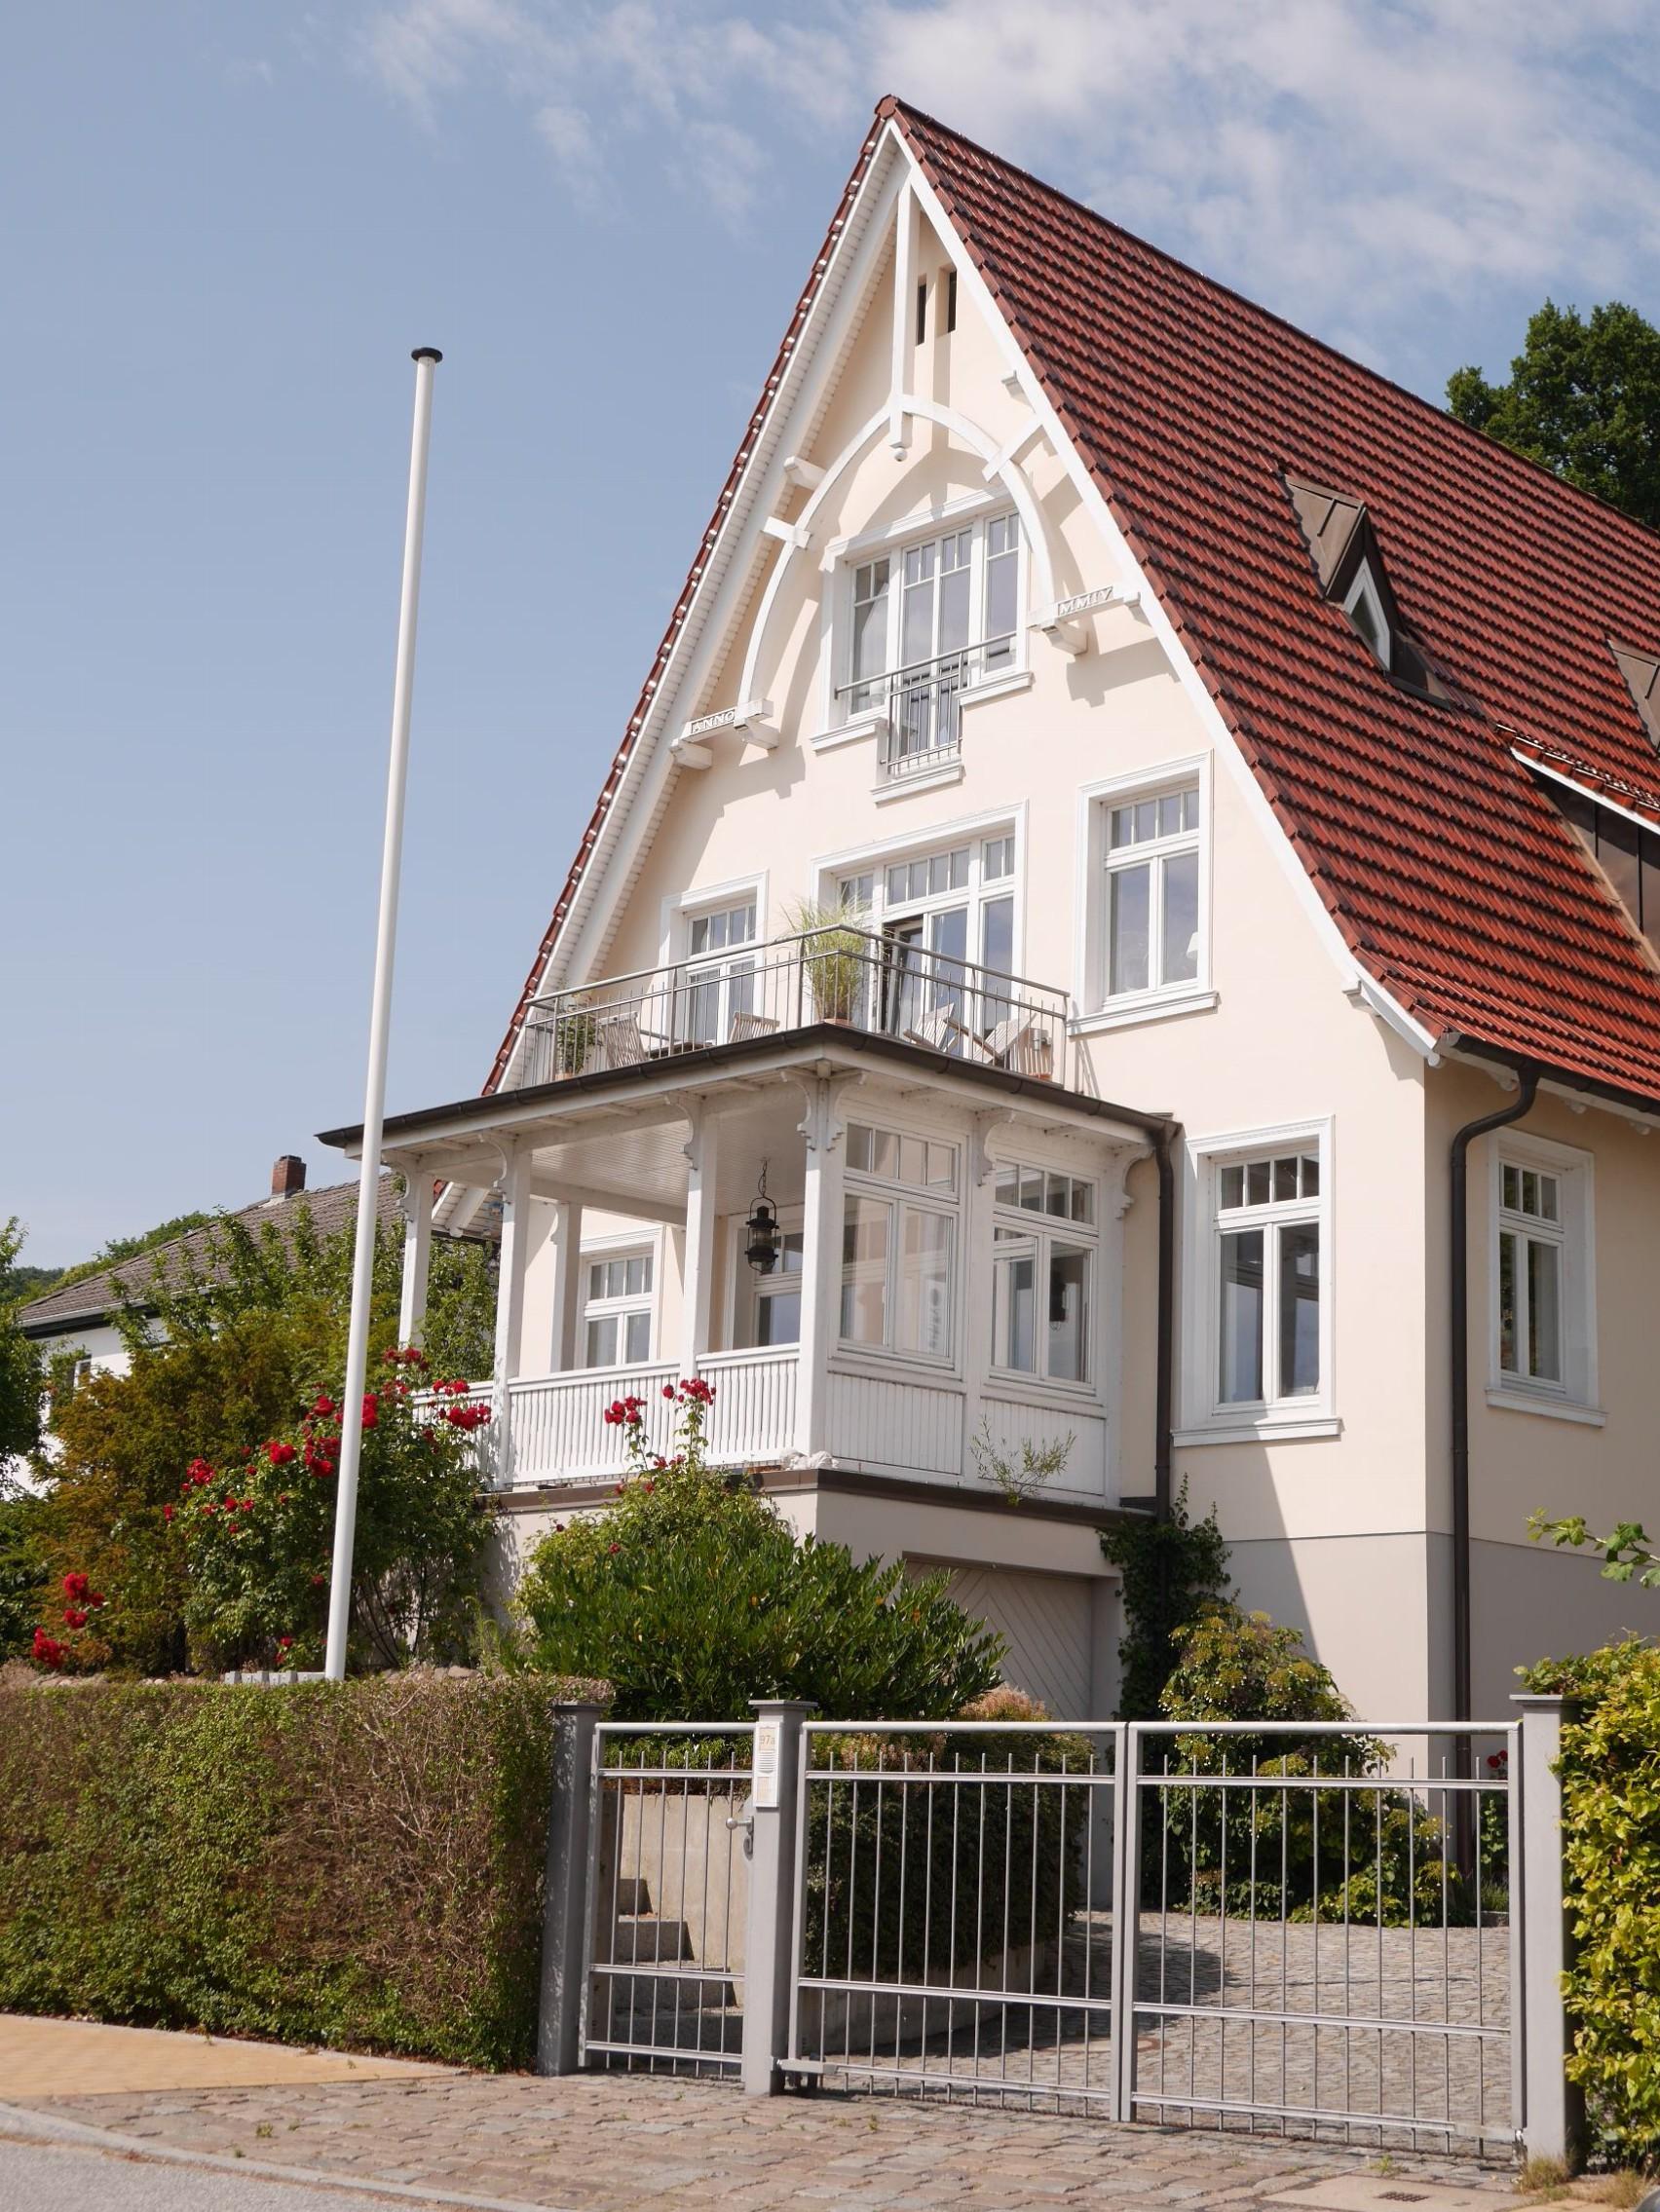 3 Häuser bestaunen - Mathilde MAG